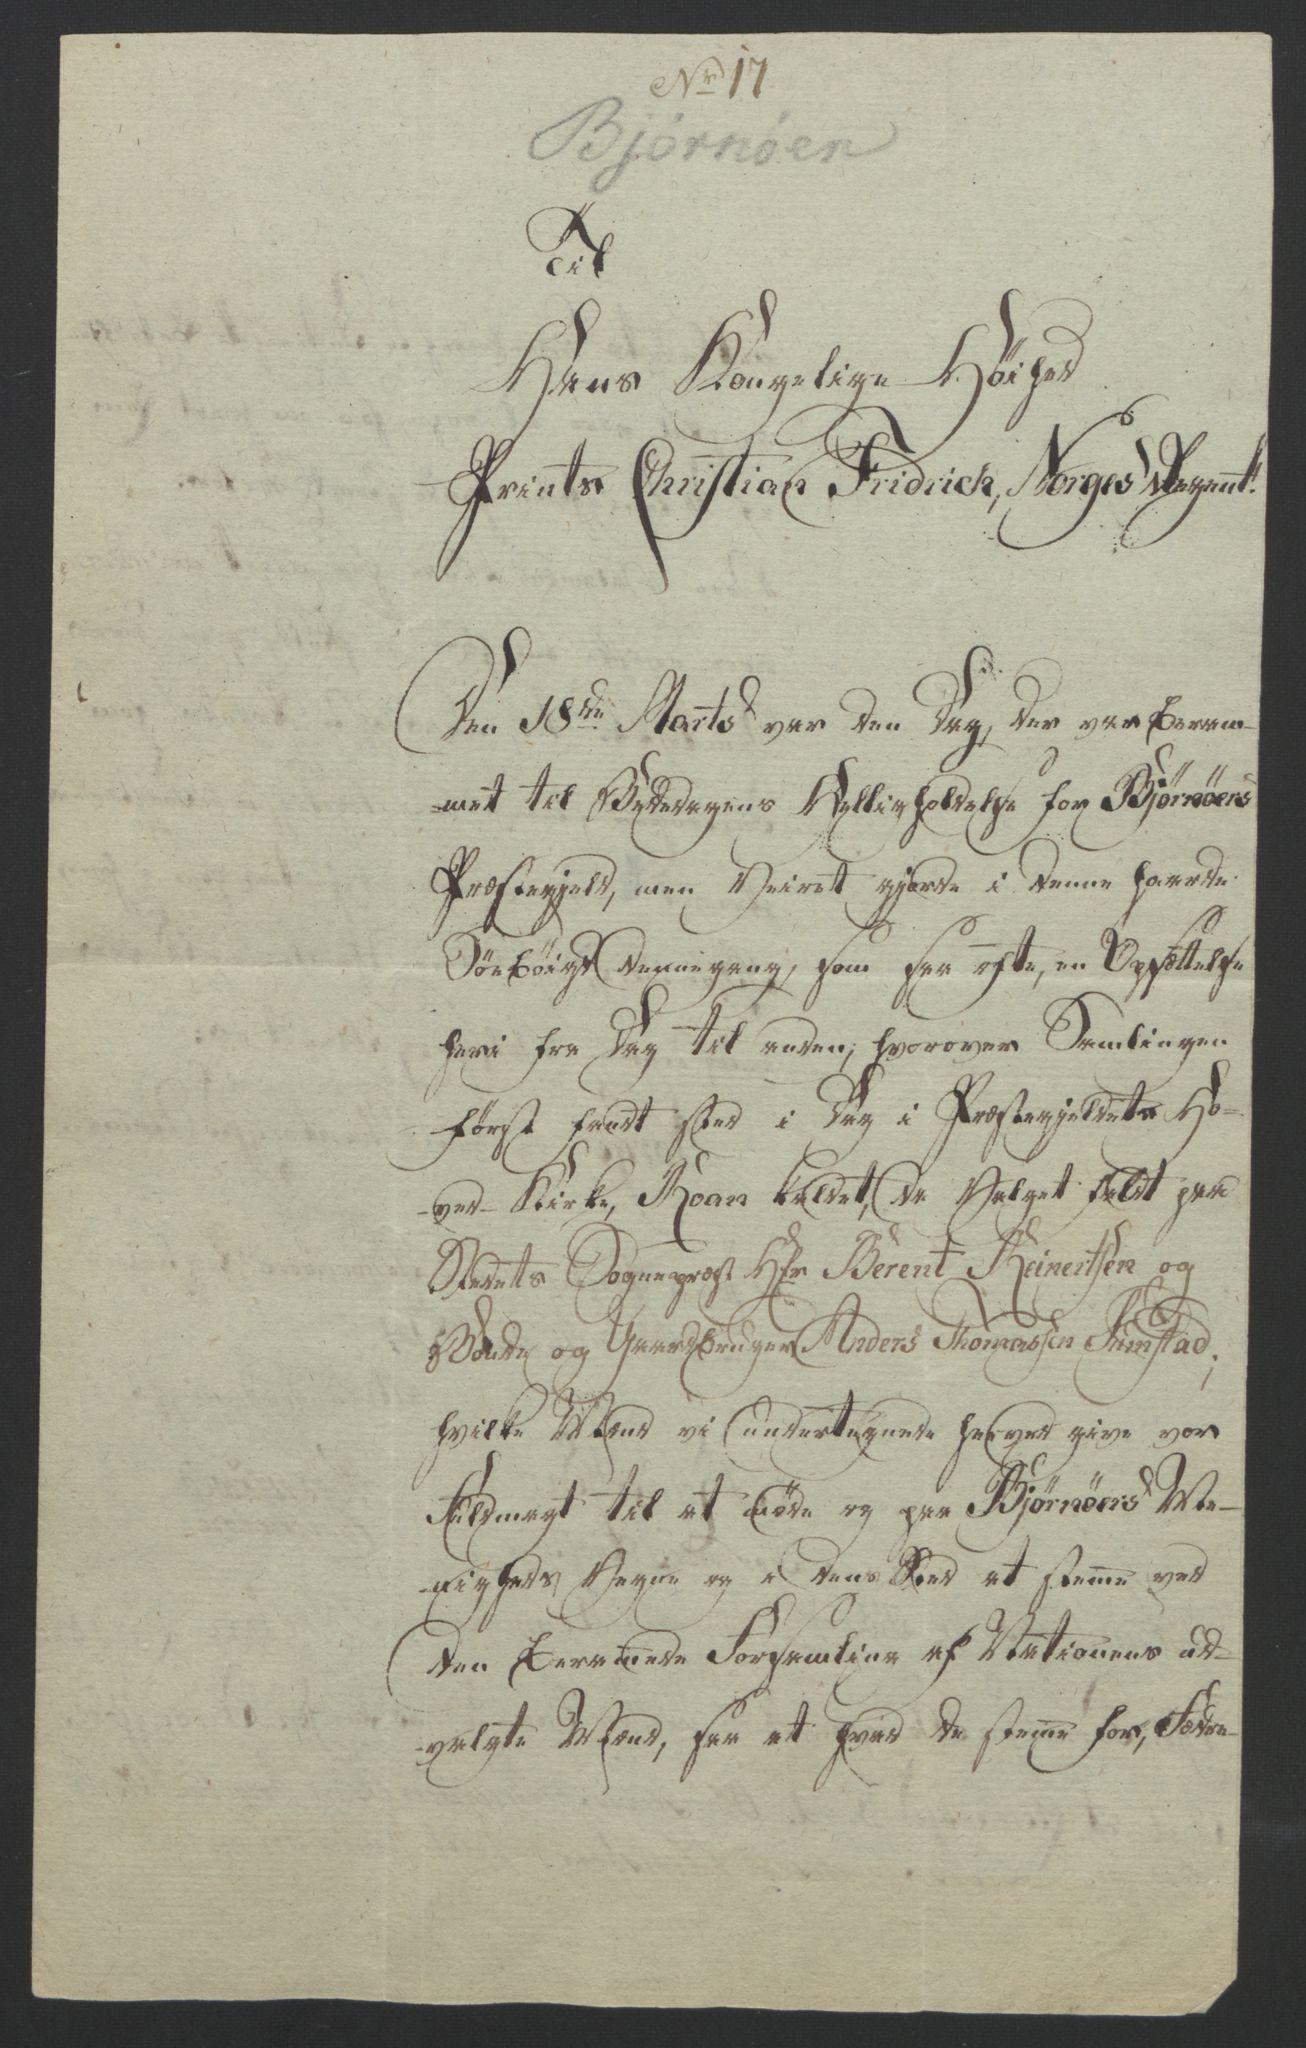 RA, Statsrådssekretariatet, D/Db/L0008: Fullmakter for Eidsvollsrepresentantene i 1814. , 1814, s. 431